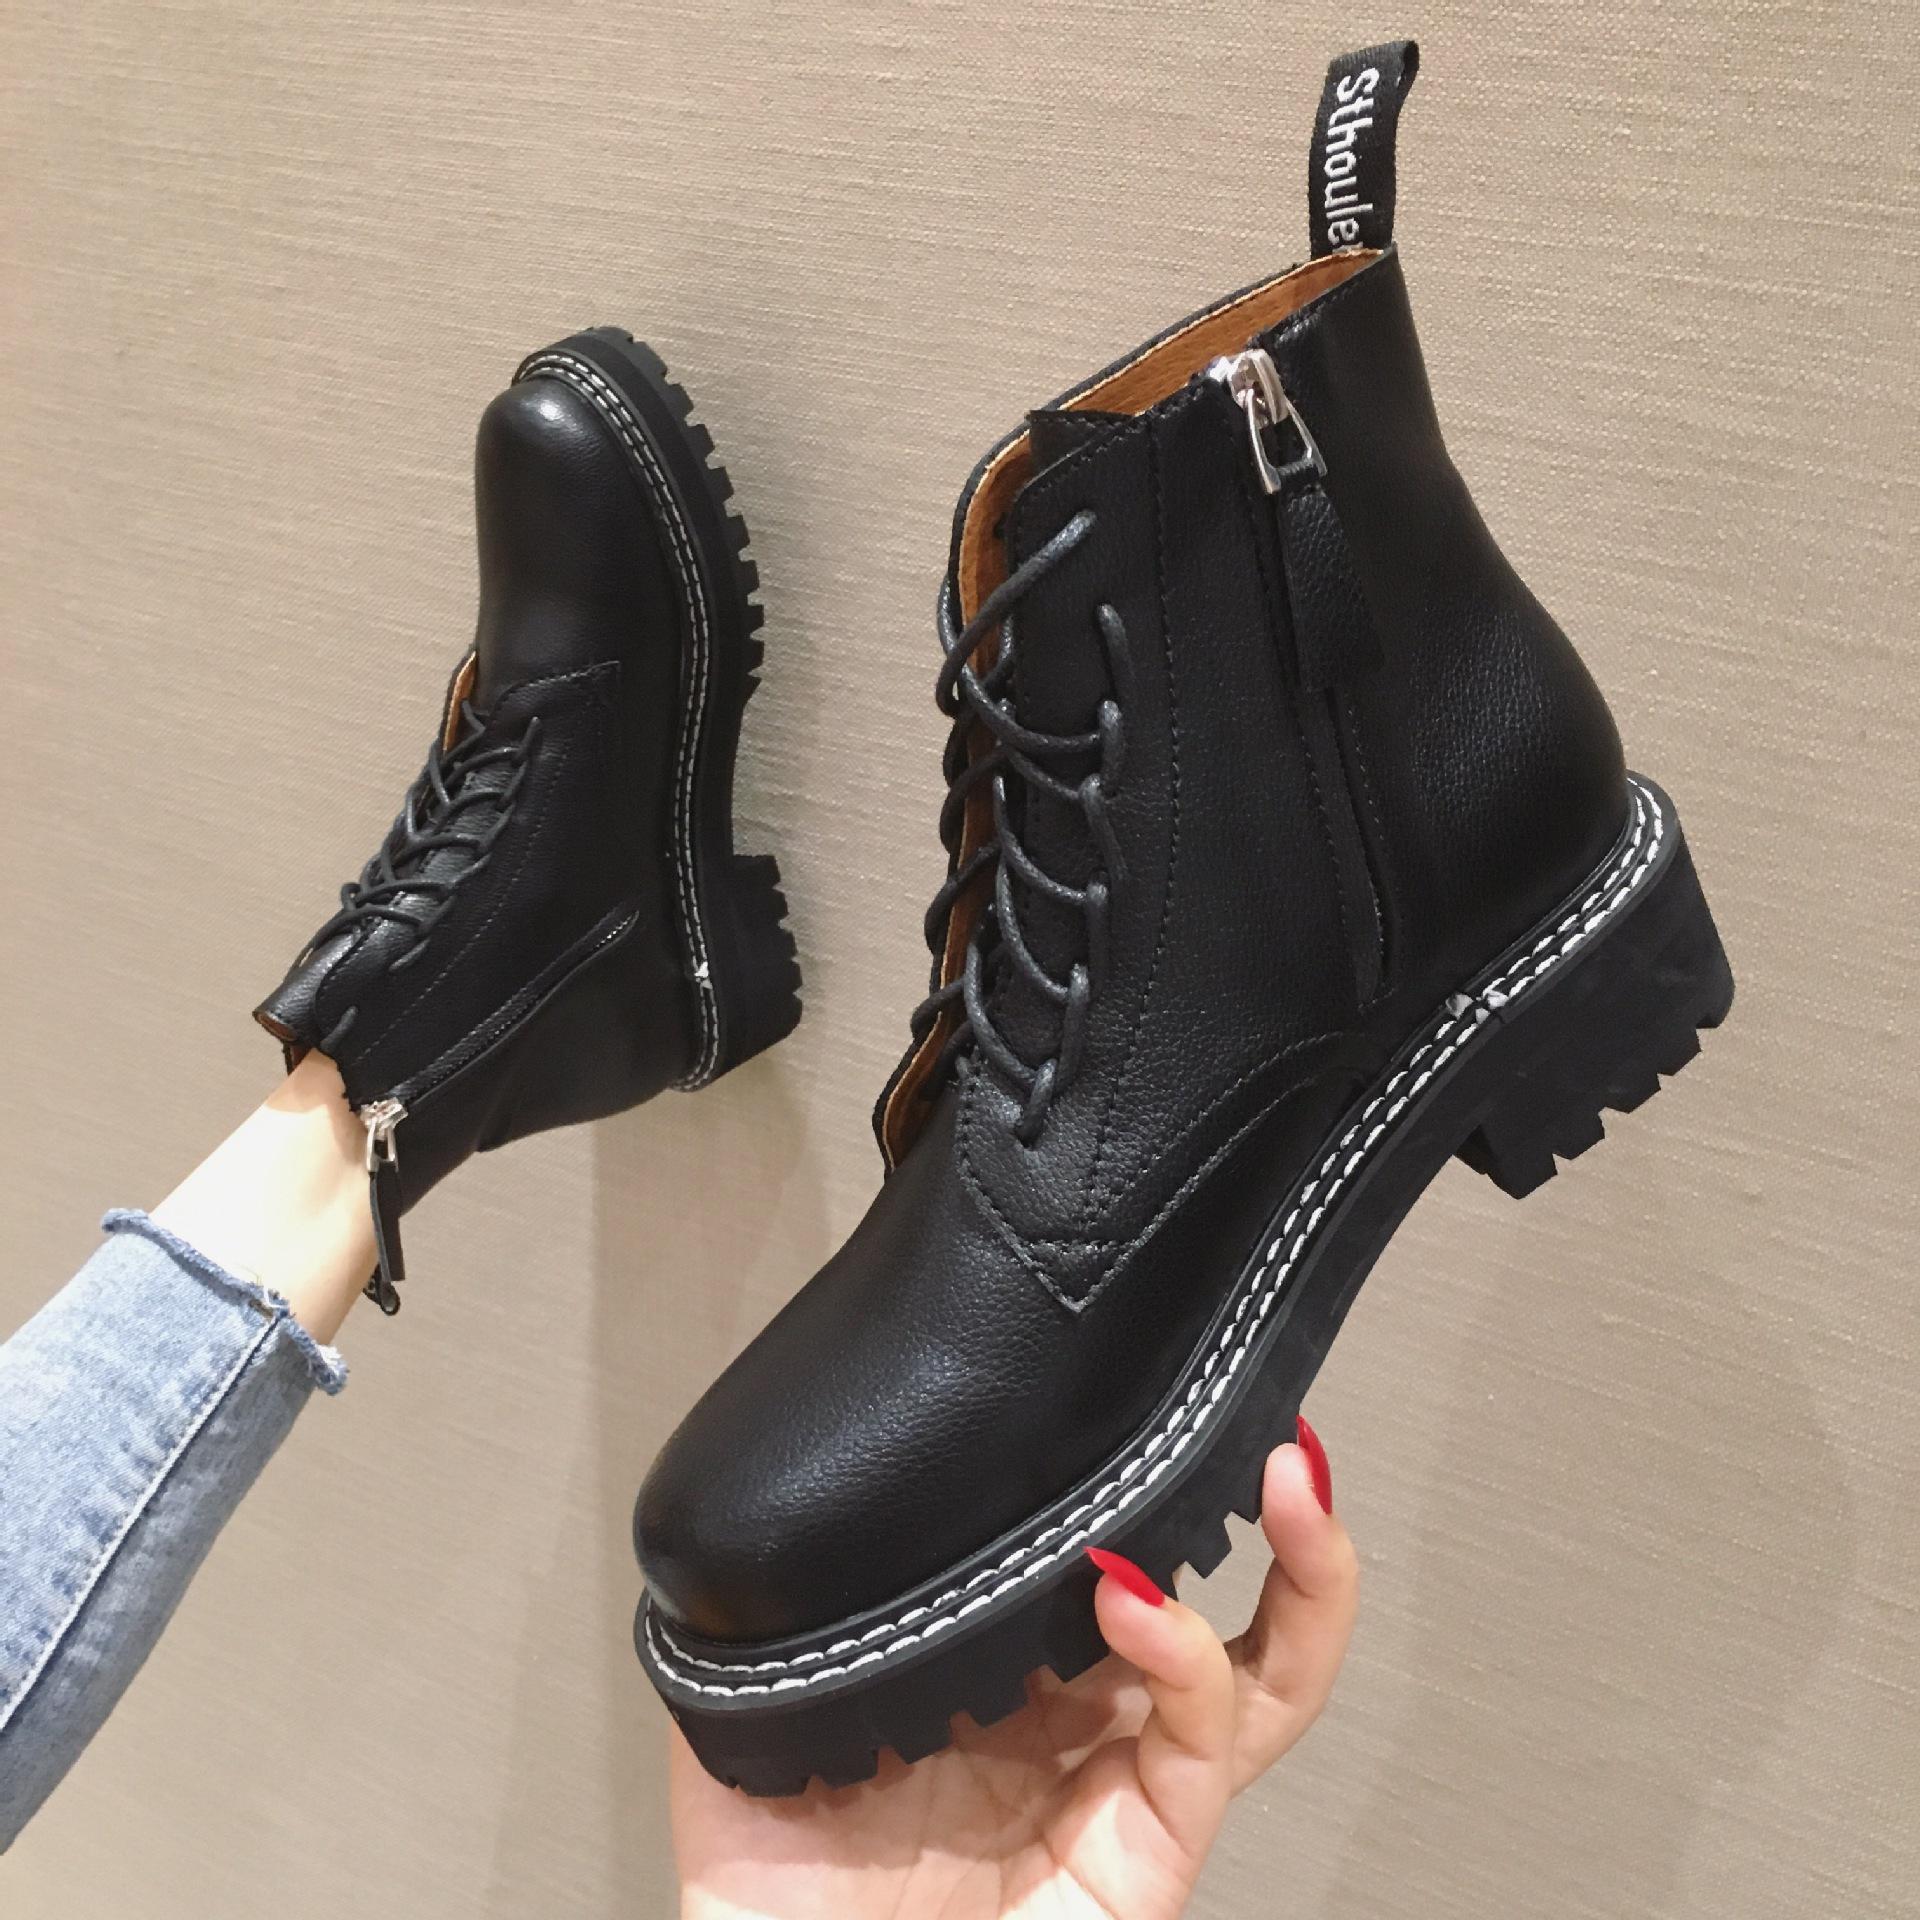 2019秋冬新款女靴英伦风复古系带粗跟短靴ins帅气机车靴马丁靴女